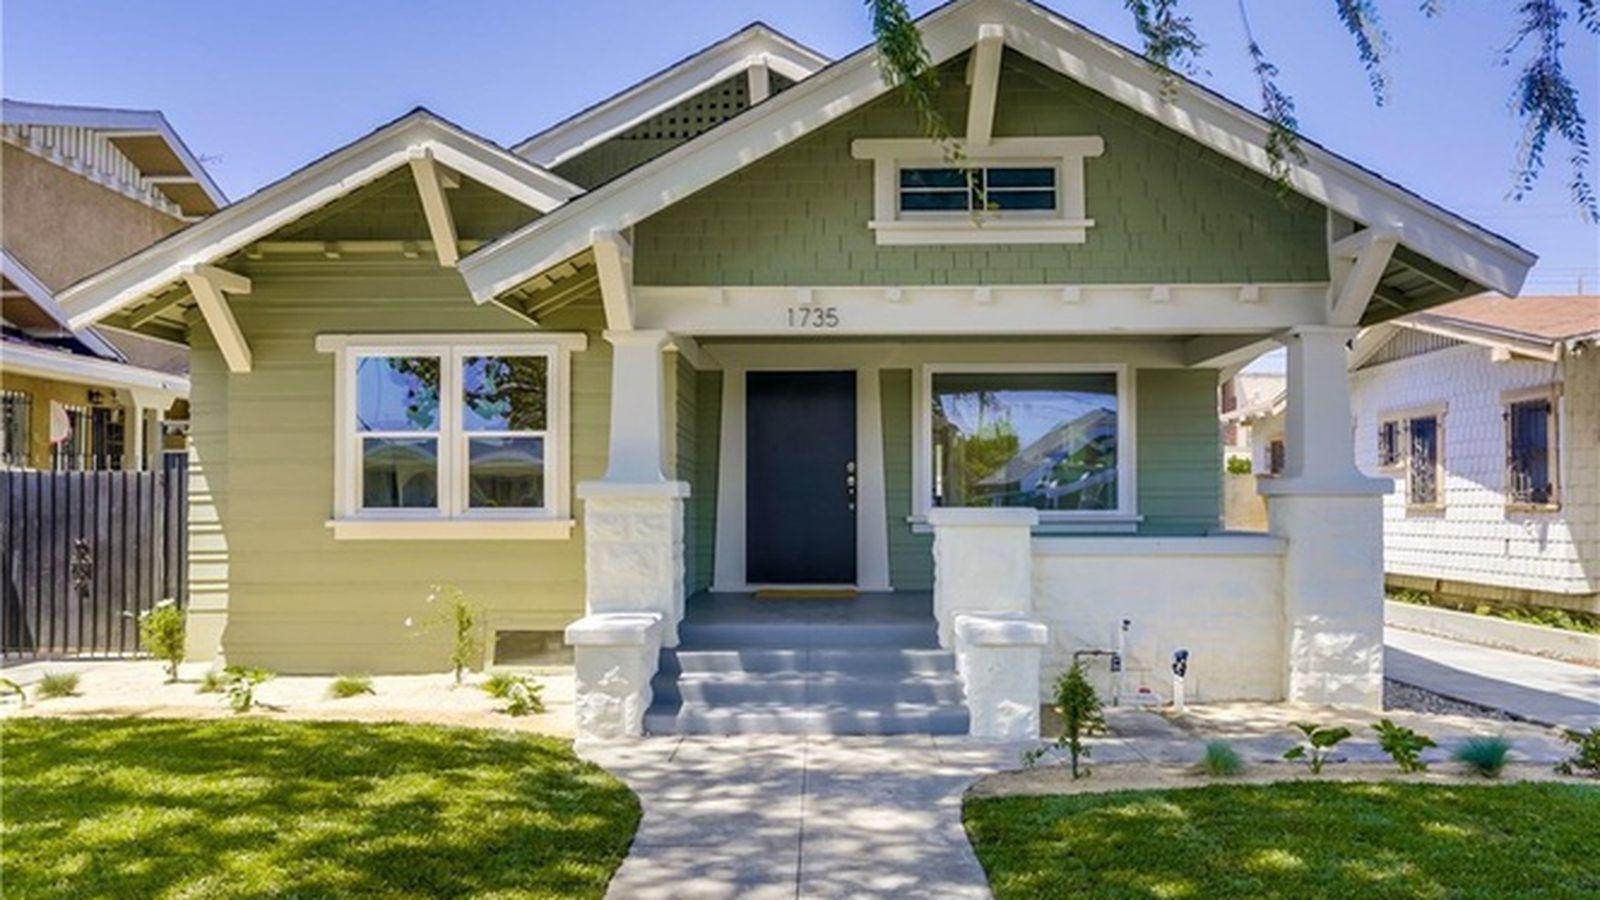 LA Home Comparison What 625K Buys You Curbed LA